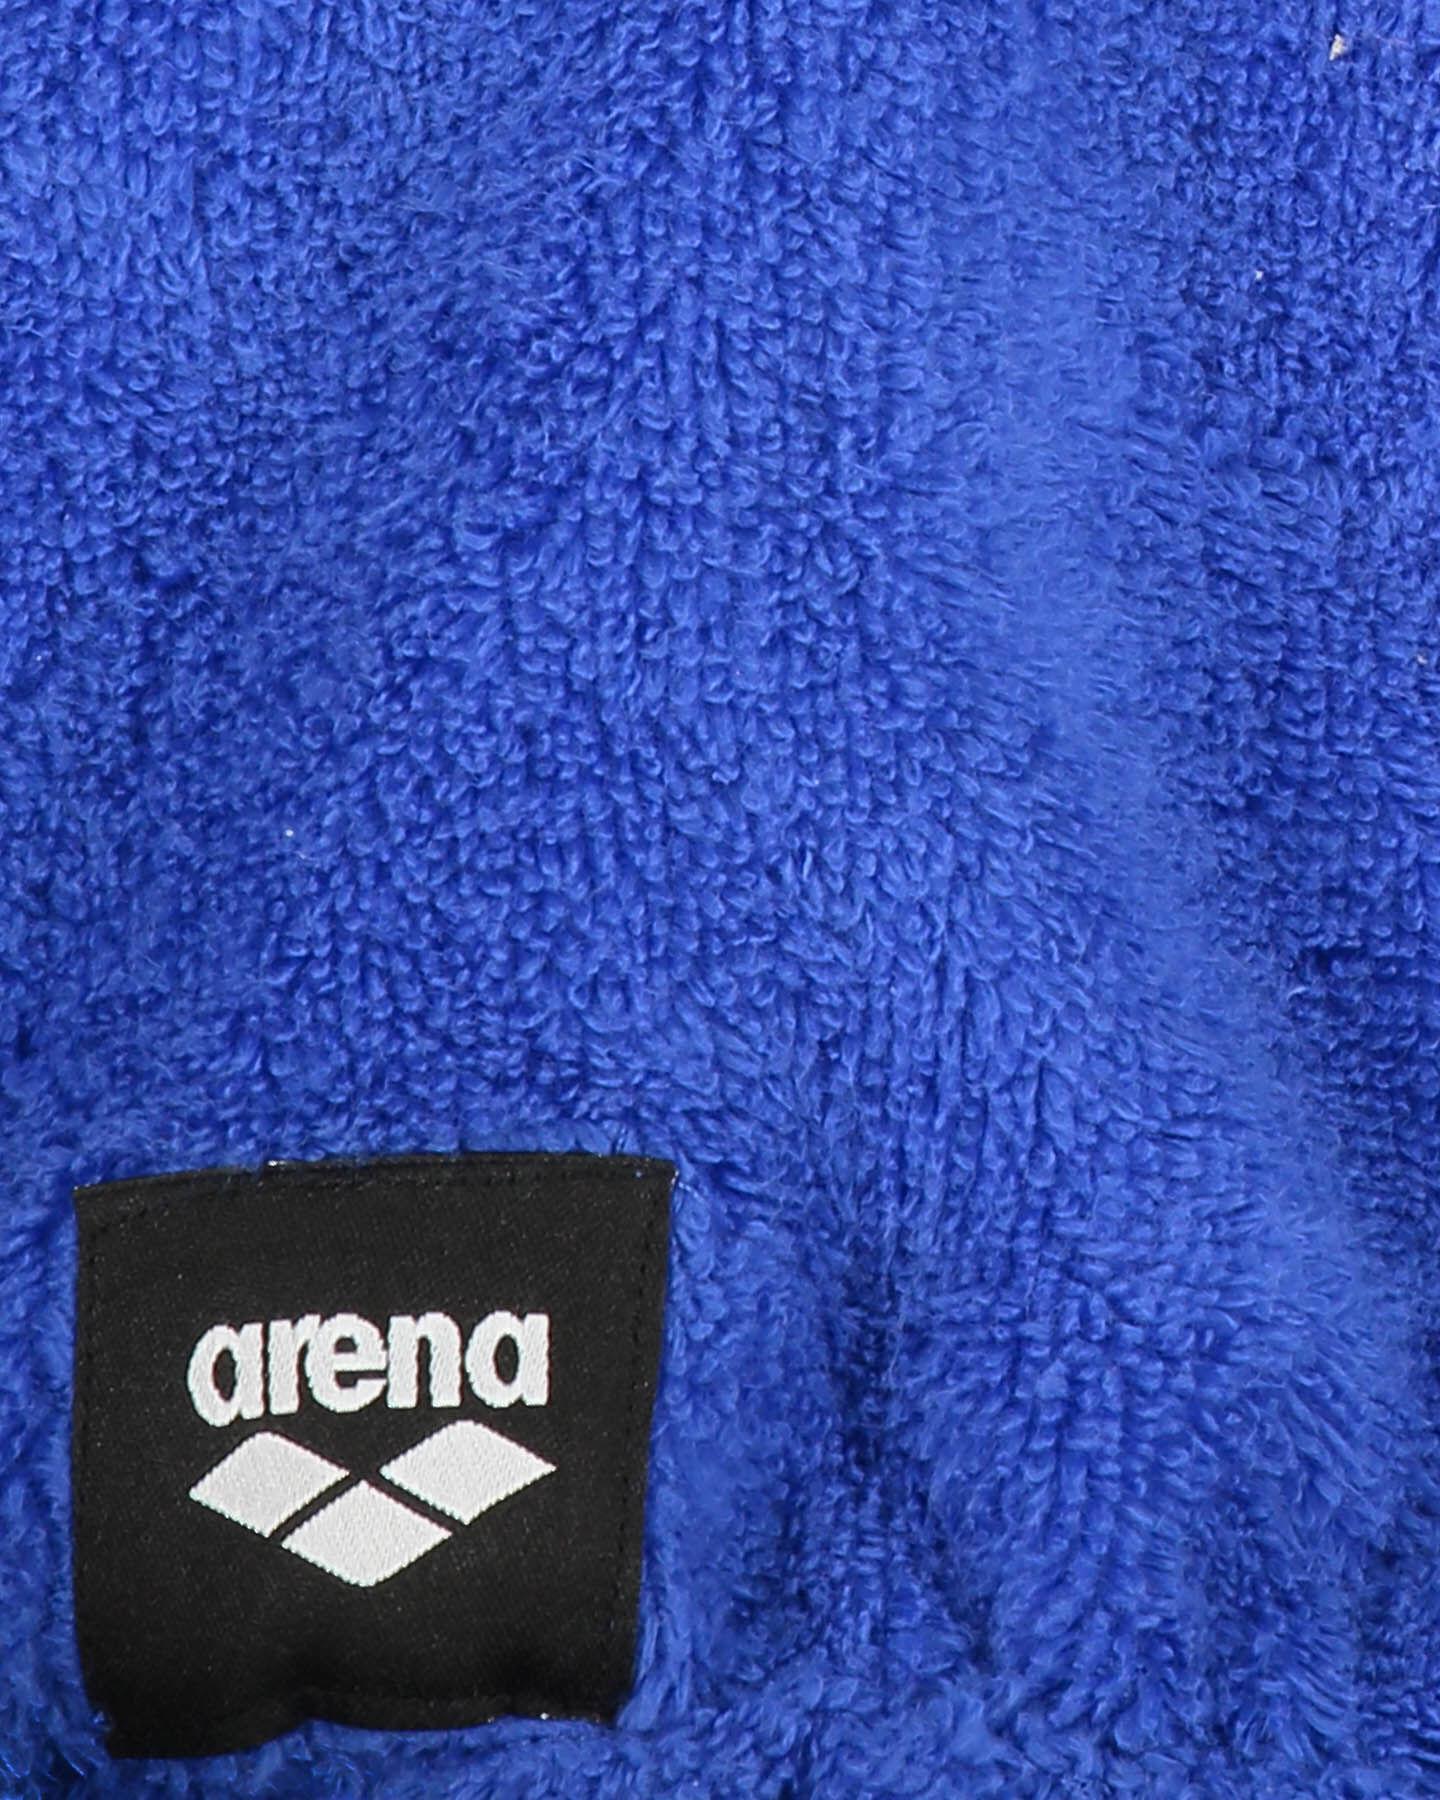 Accessorio piscina ARENA HAIR DRYING S5197663|800|TU scatto 1